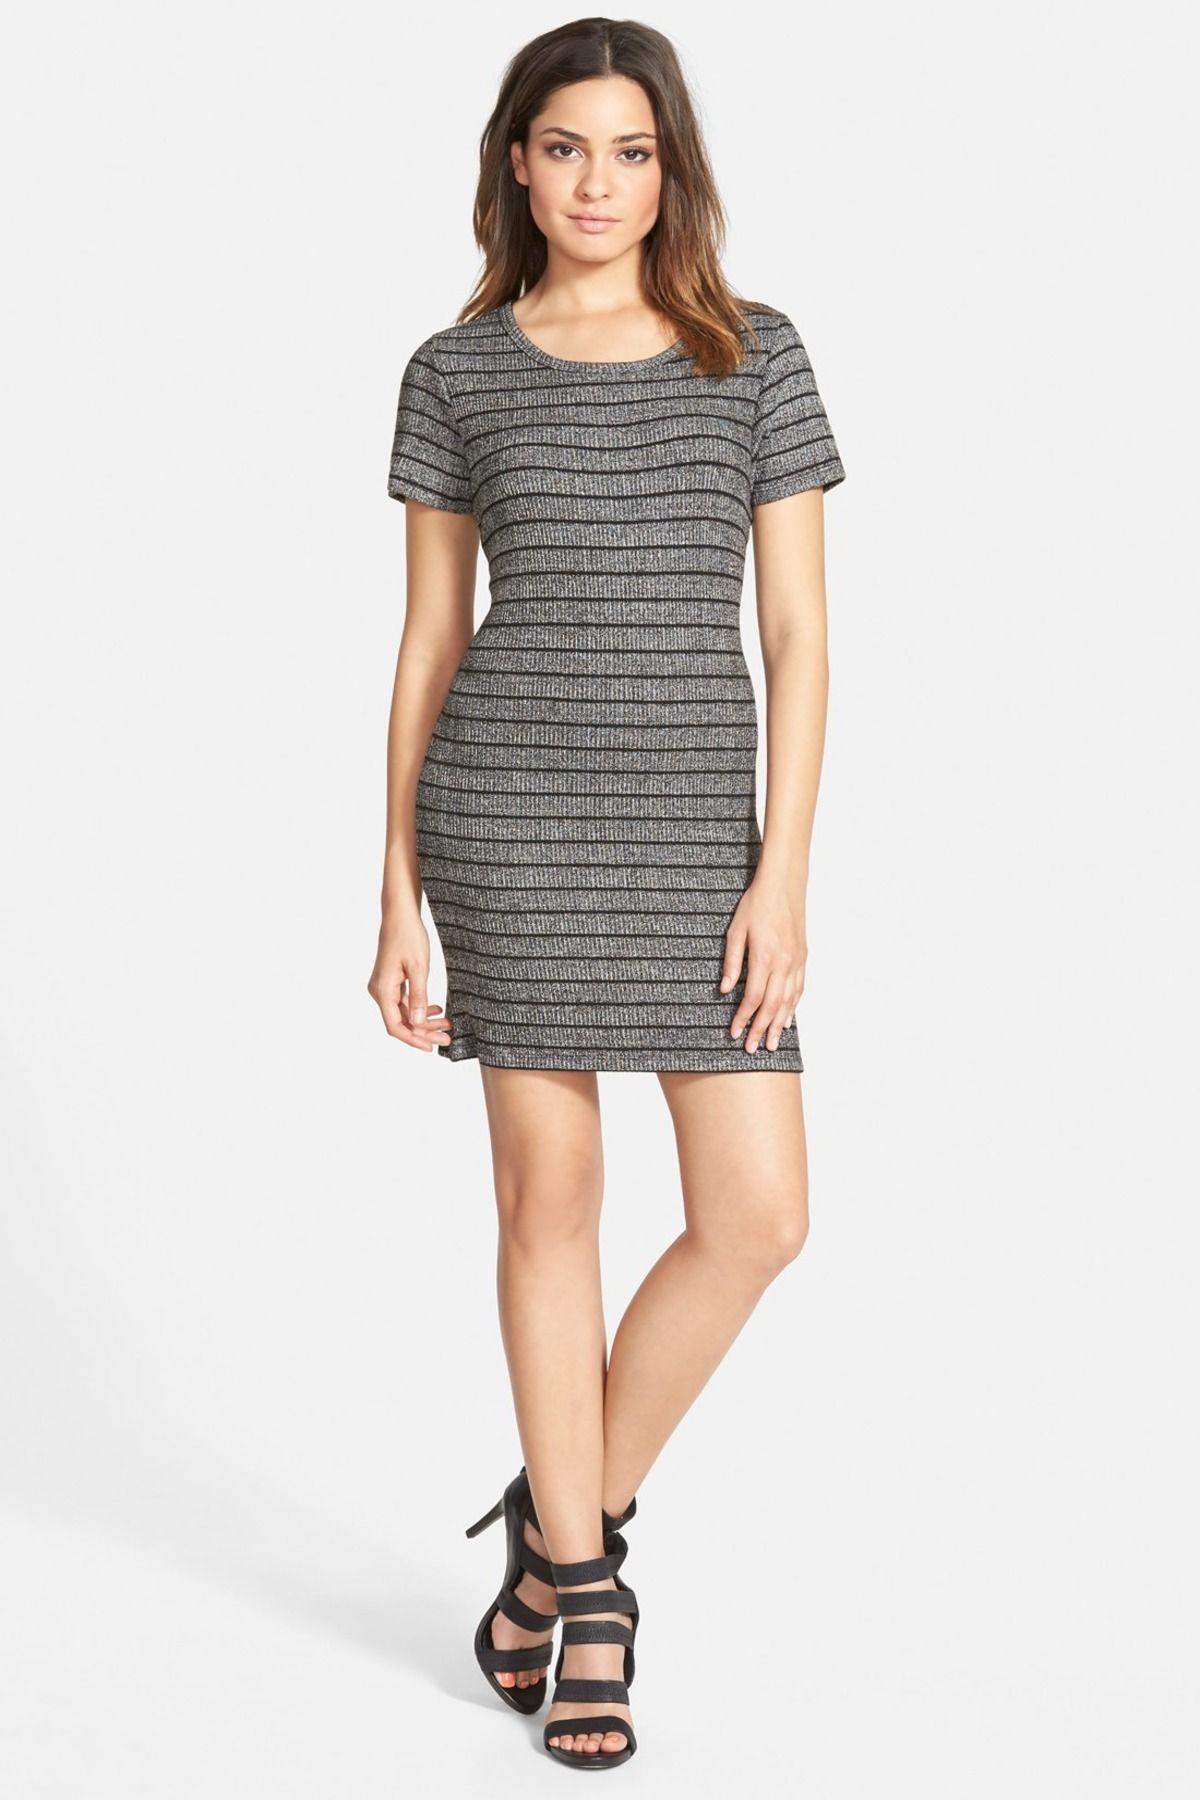 Stripe Knit Dress Juniors Striped Knit Dress Striped Knit Junior Dresses [ 1800 x 1200 Pixel ]